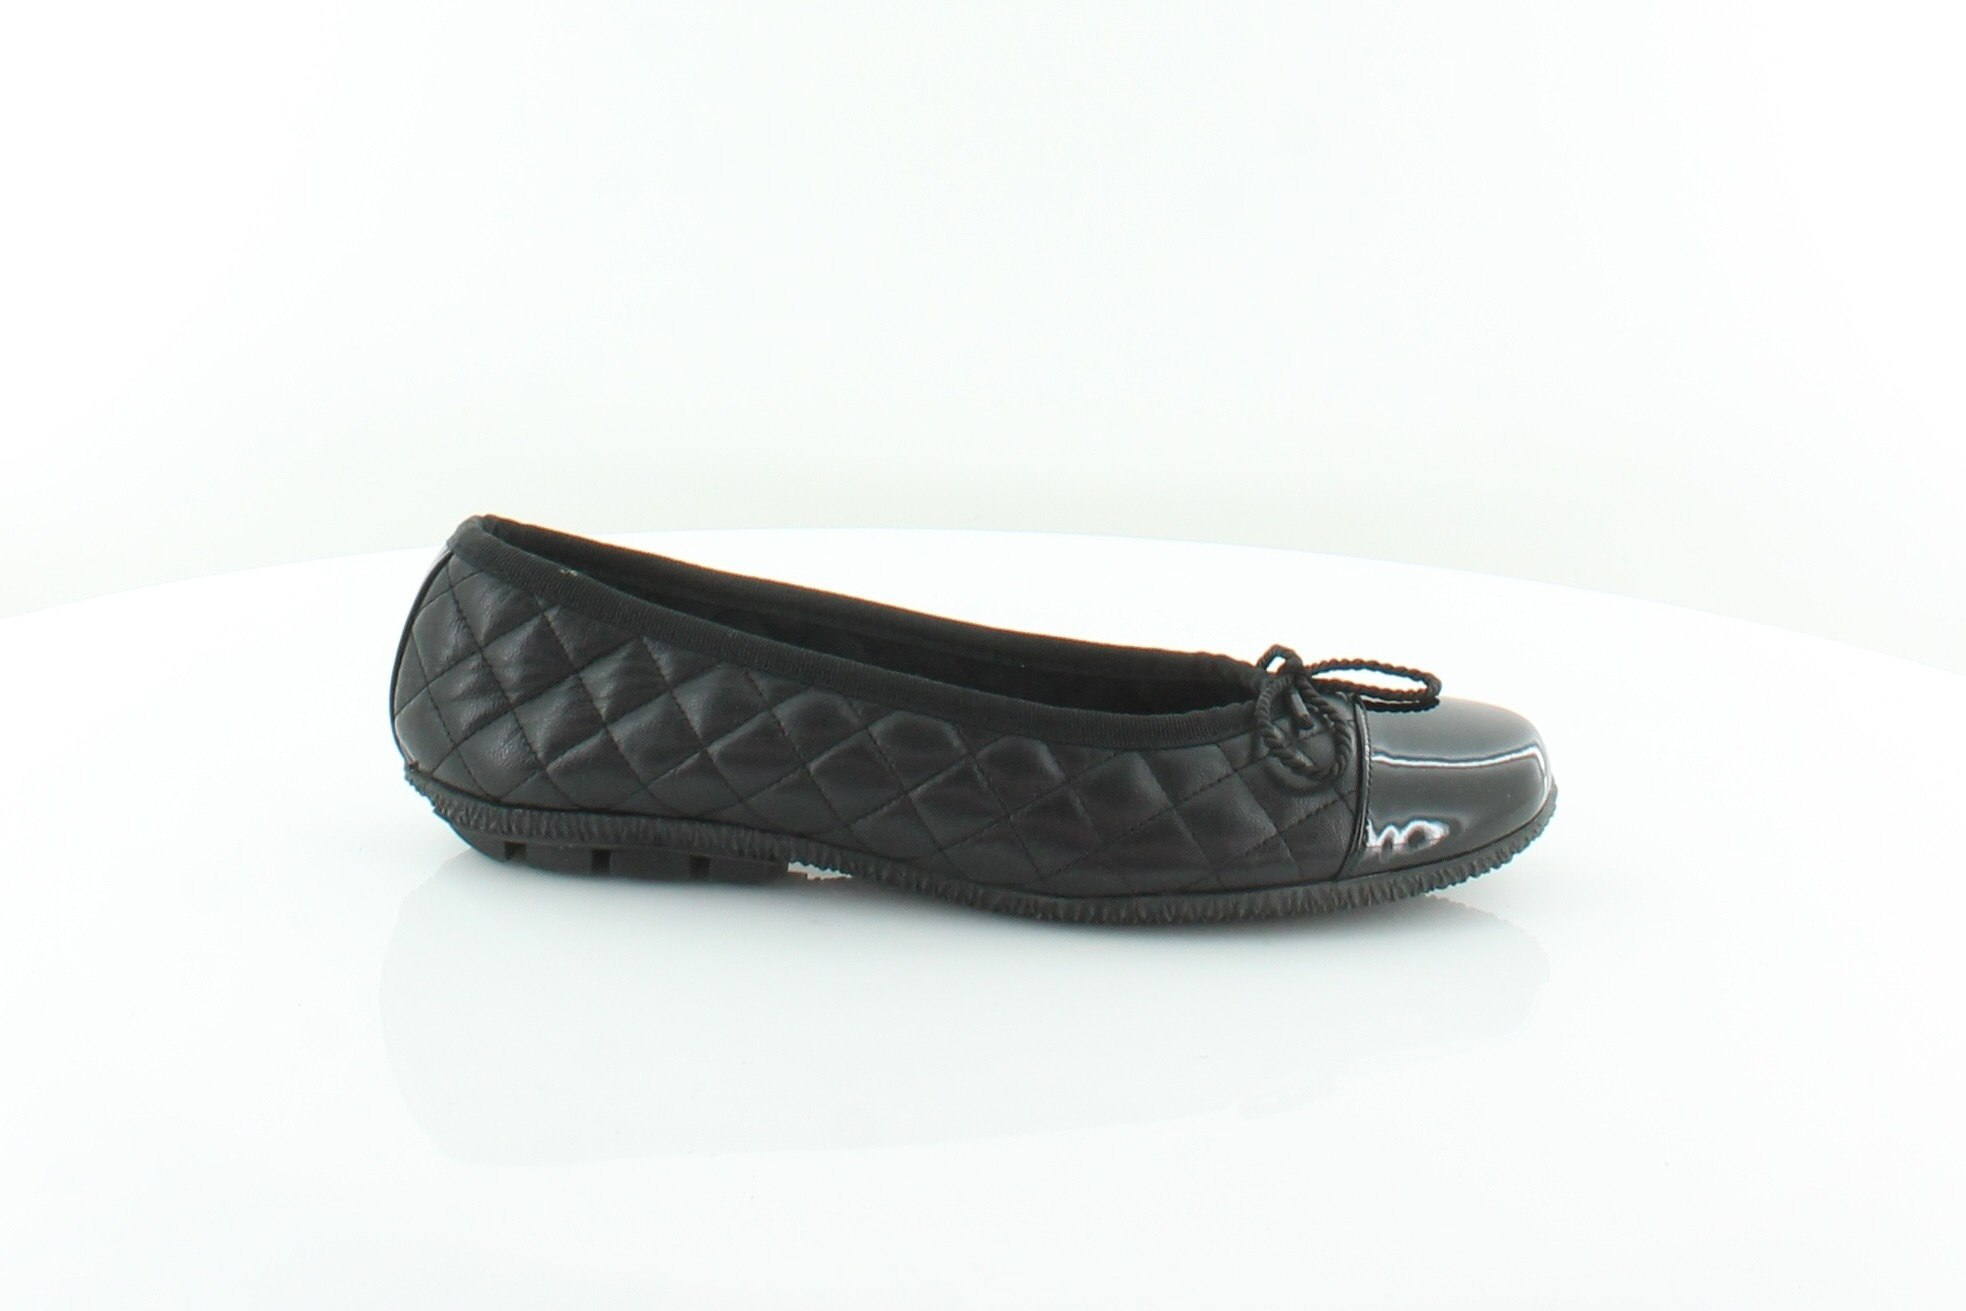 vendita all'ingrosso Paul Mayer Attitudes Cozy nero donna scarpe Dimensione 5 M M M Flats MSRP  225  vendita calda